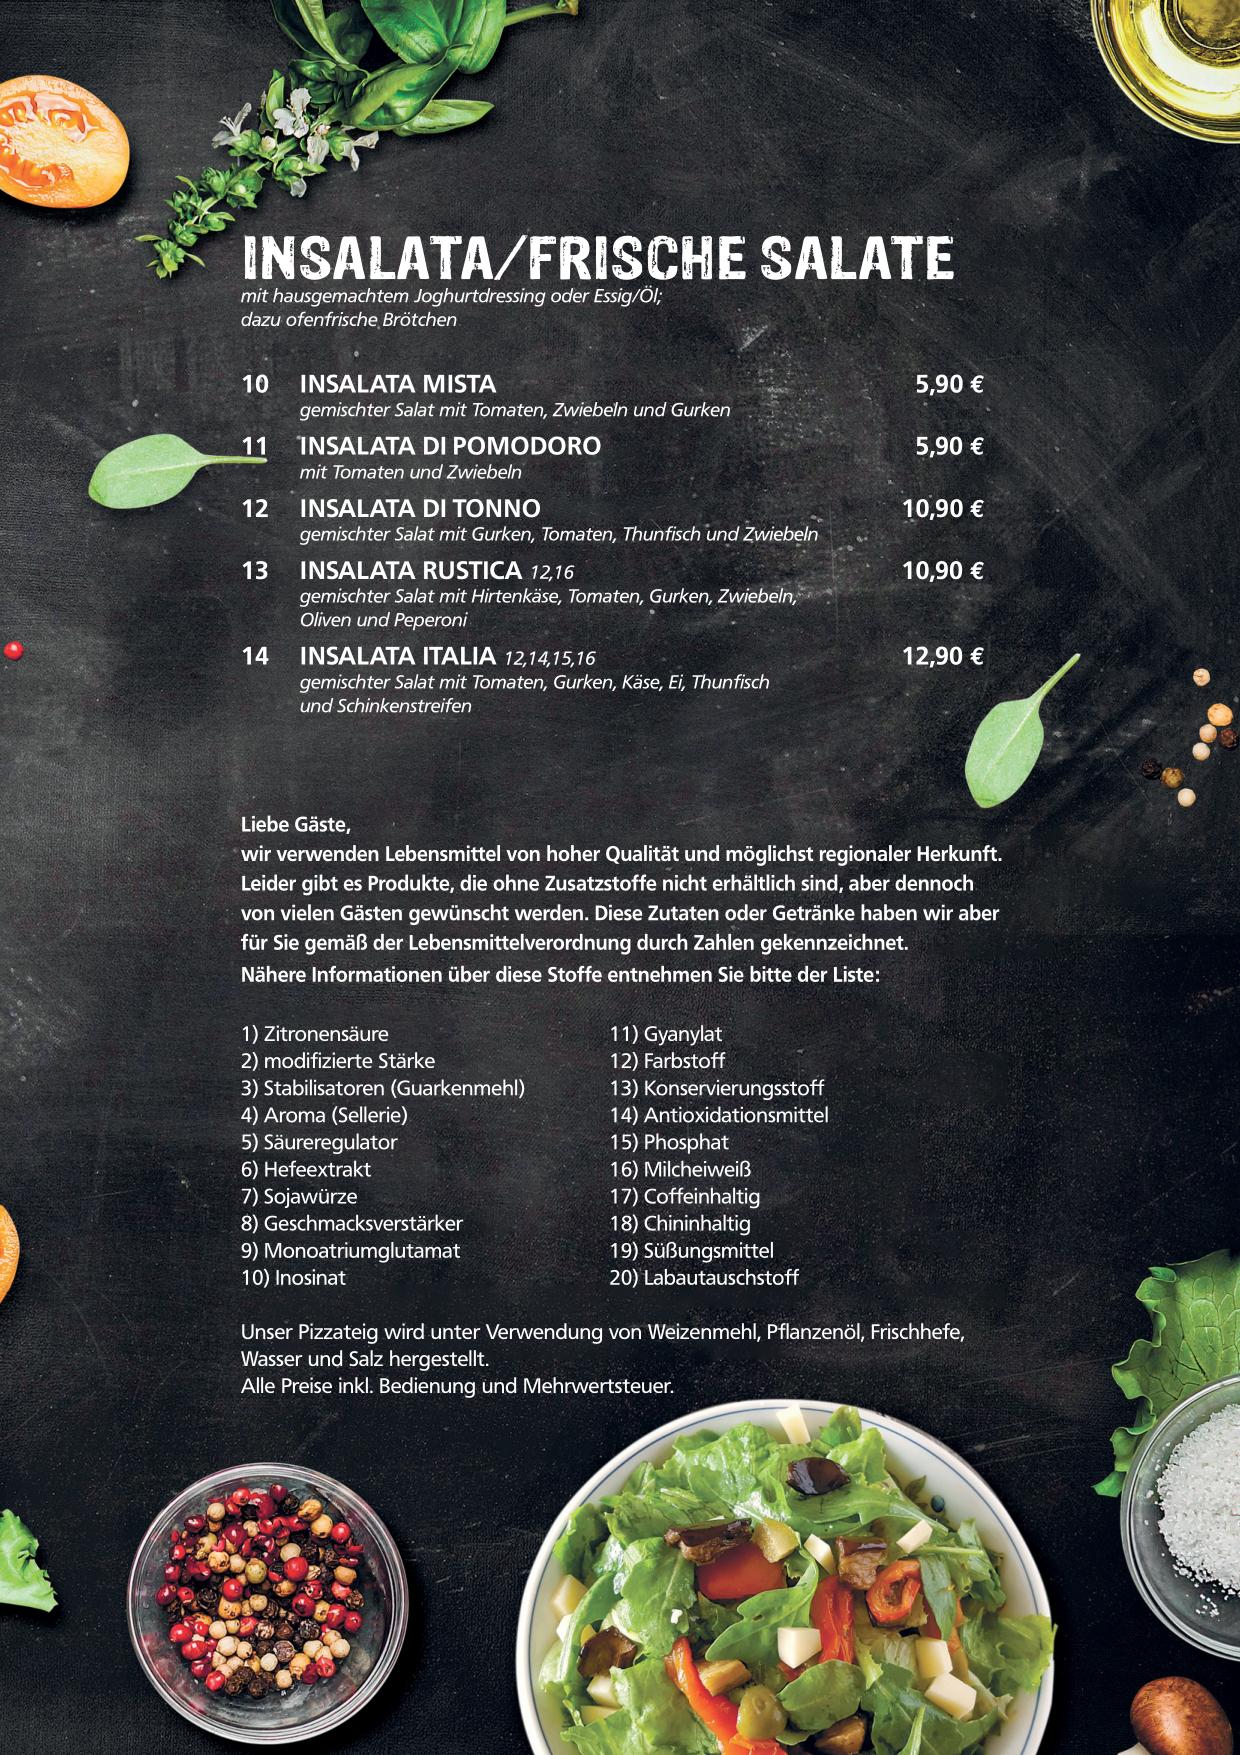 Insalata / frische Salate